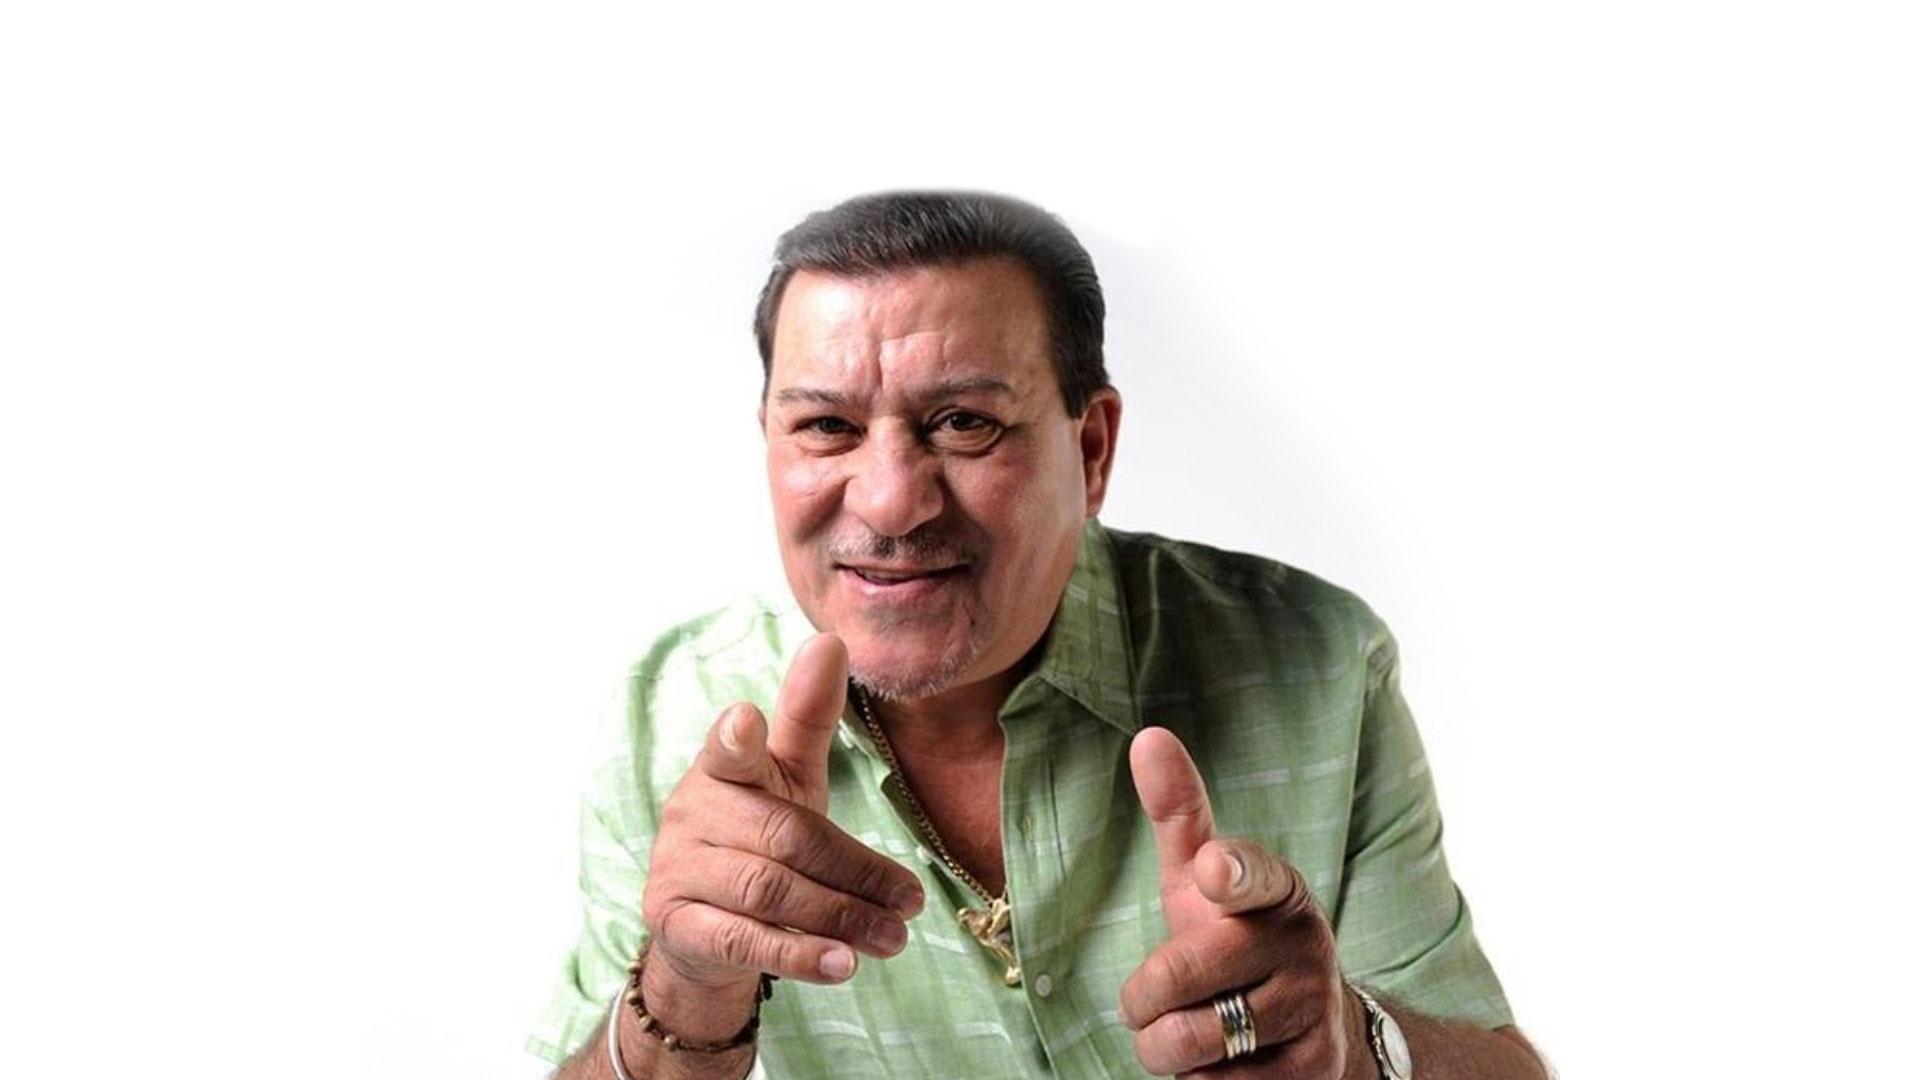 Fallece el cantante puertorriqueño Tito Rojas a los 65 años